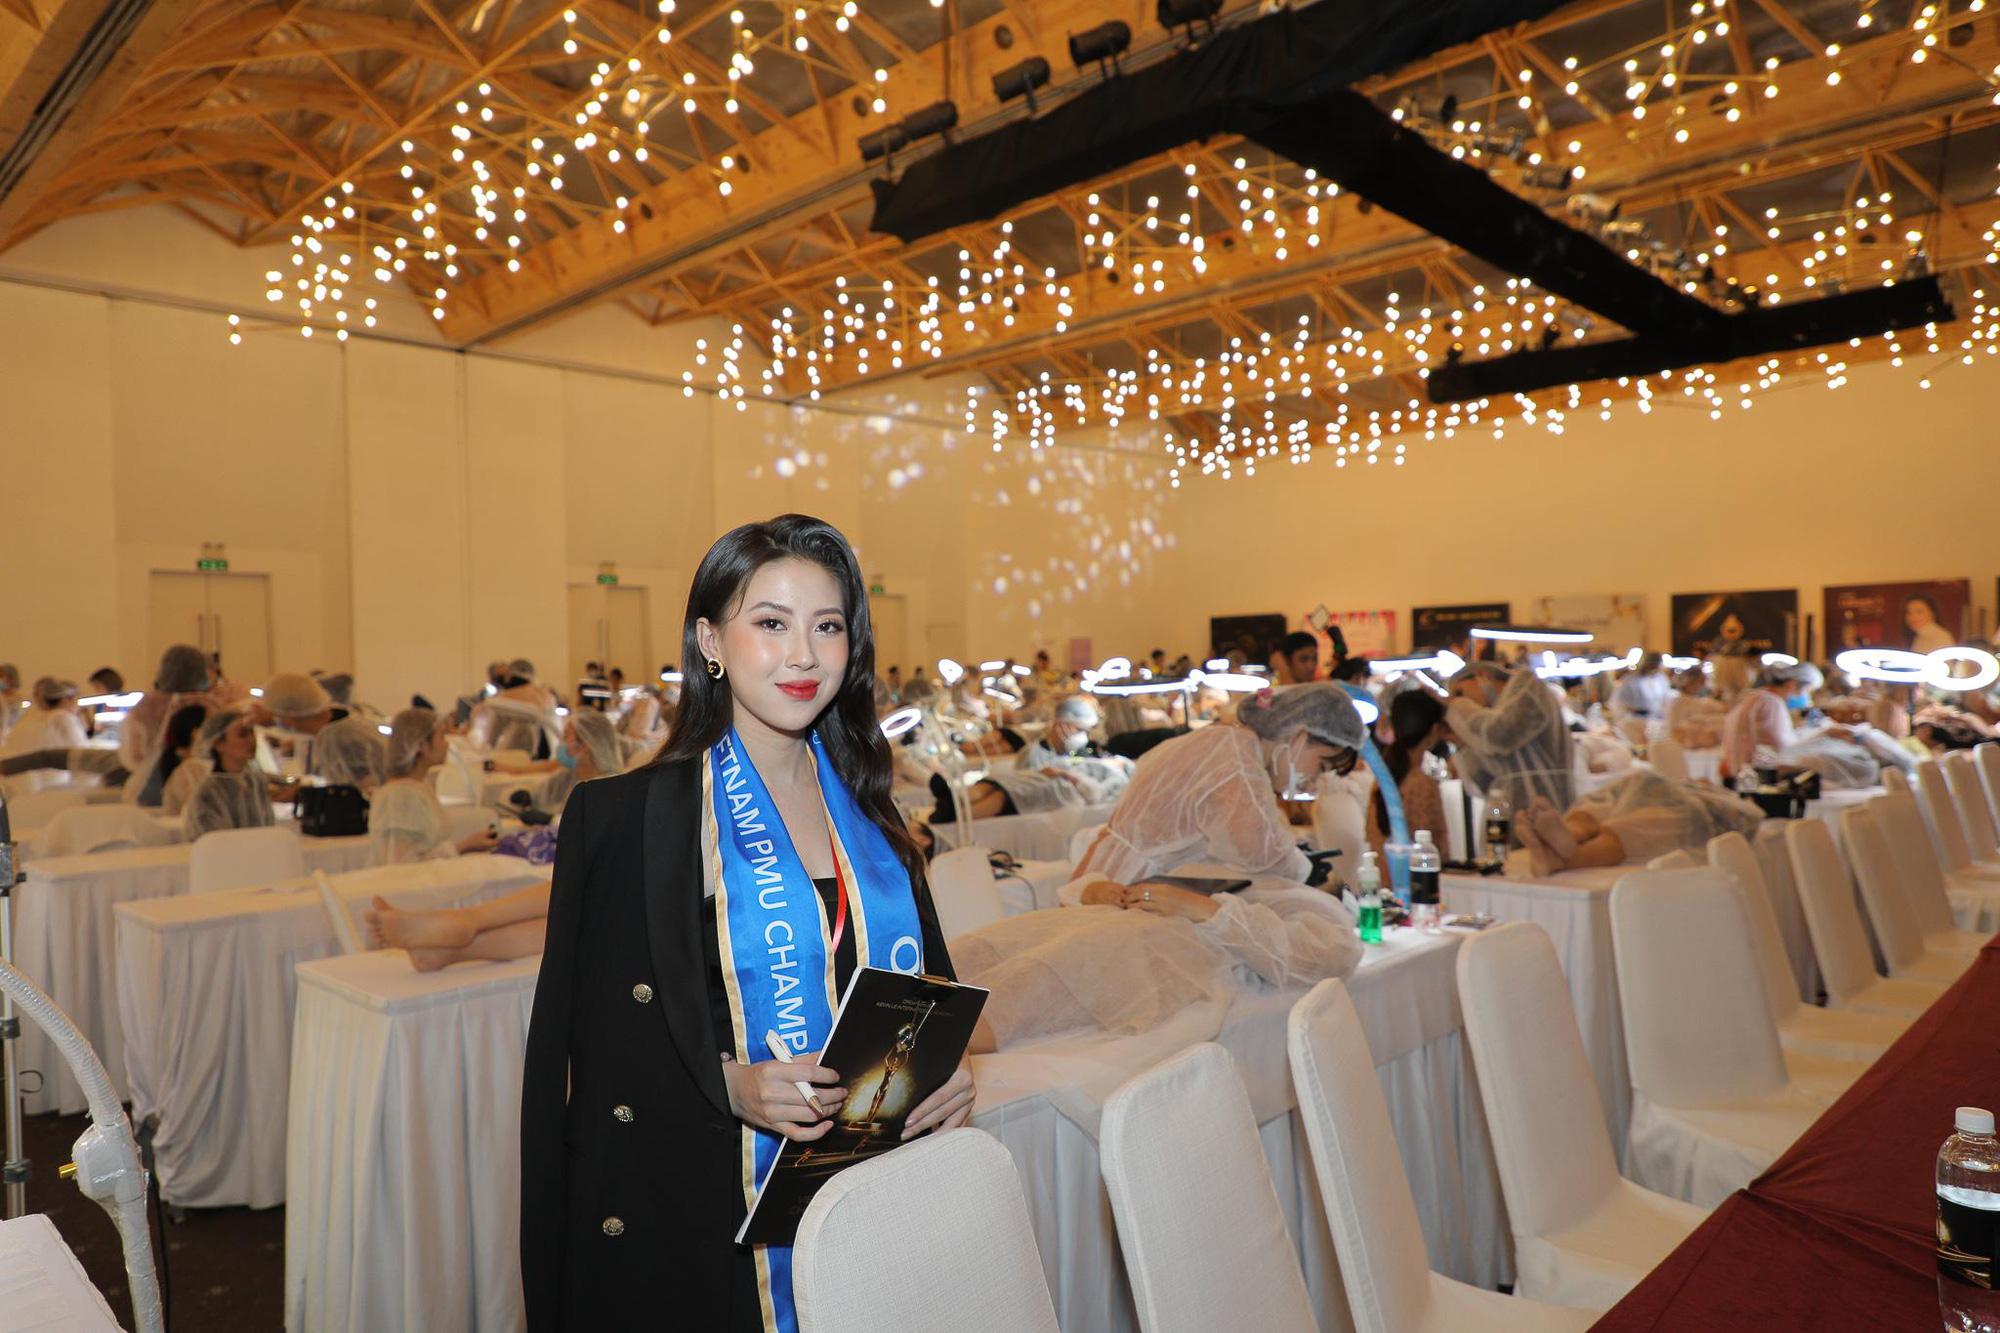 Học viên Hairstrokes của Hương Trà đạt giải cao trong cuộc thi PMU 2020 - Ảnh 3.